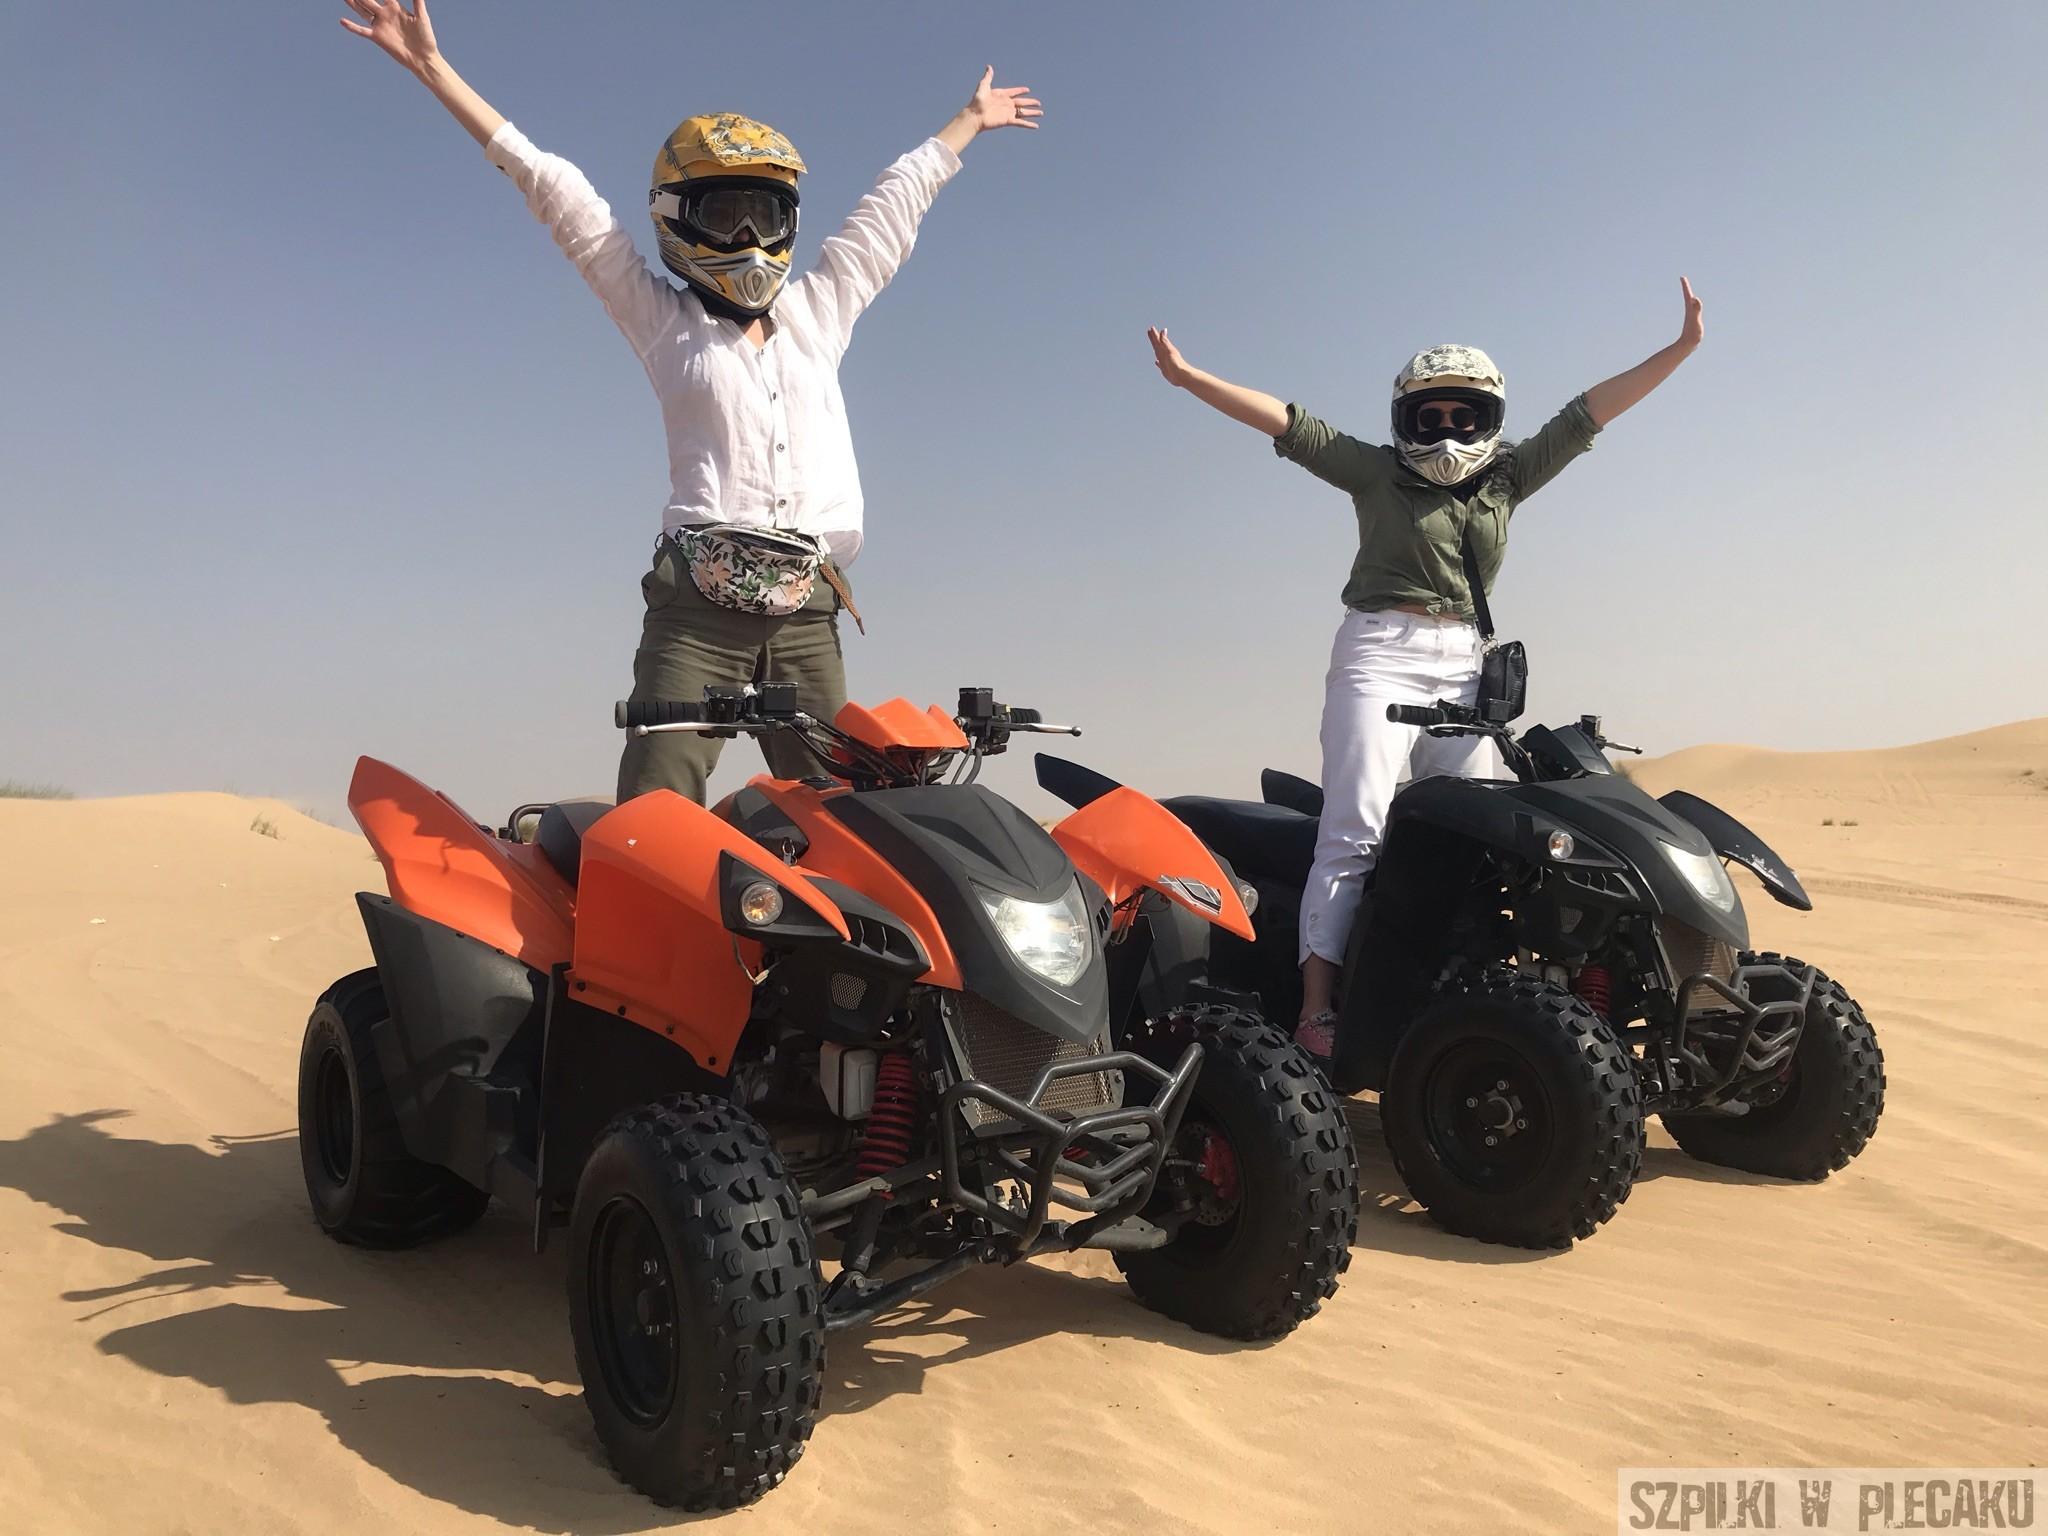 Quad safari Dubaj inaczej z przygodą i adrenaliną - Szpilki w plecaku